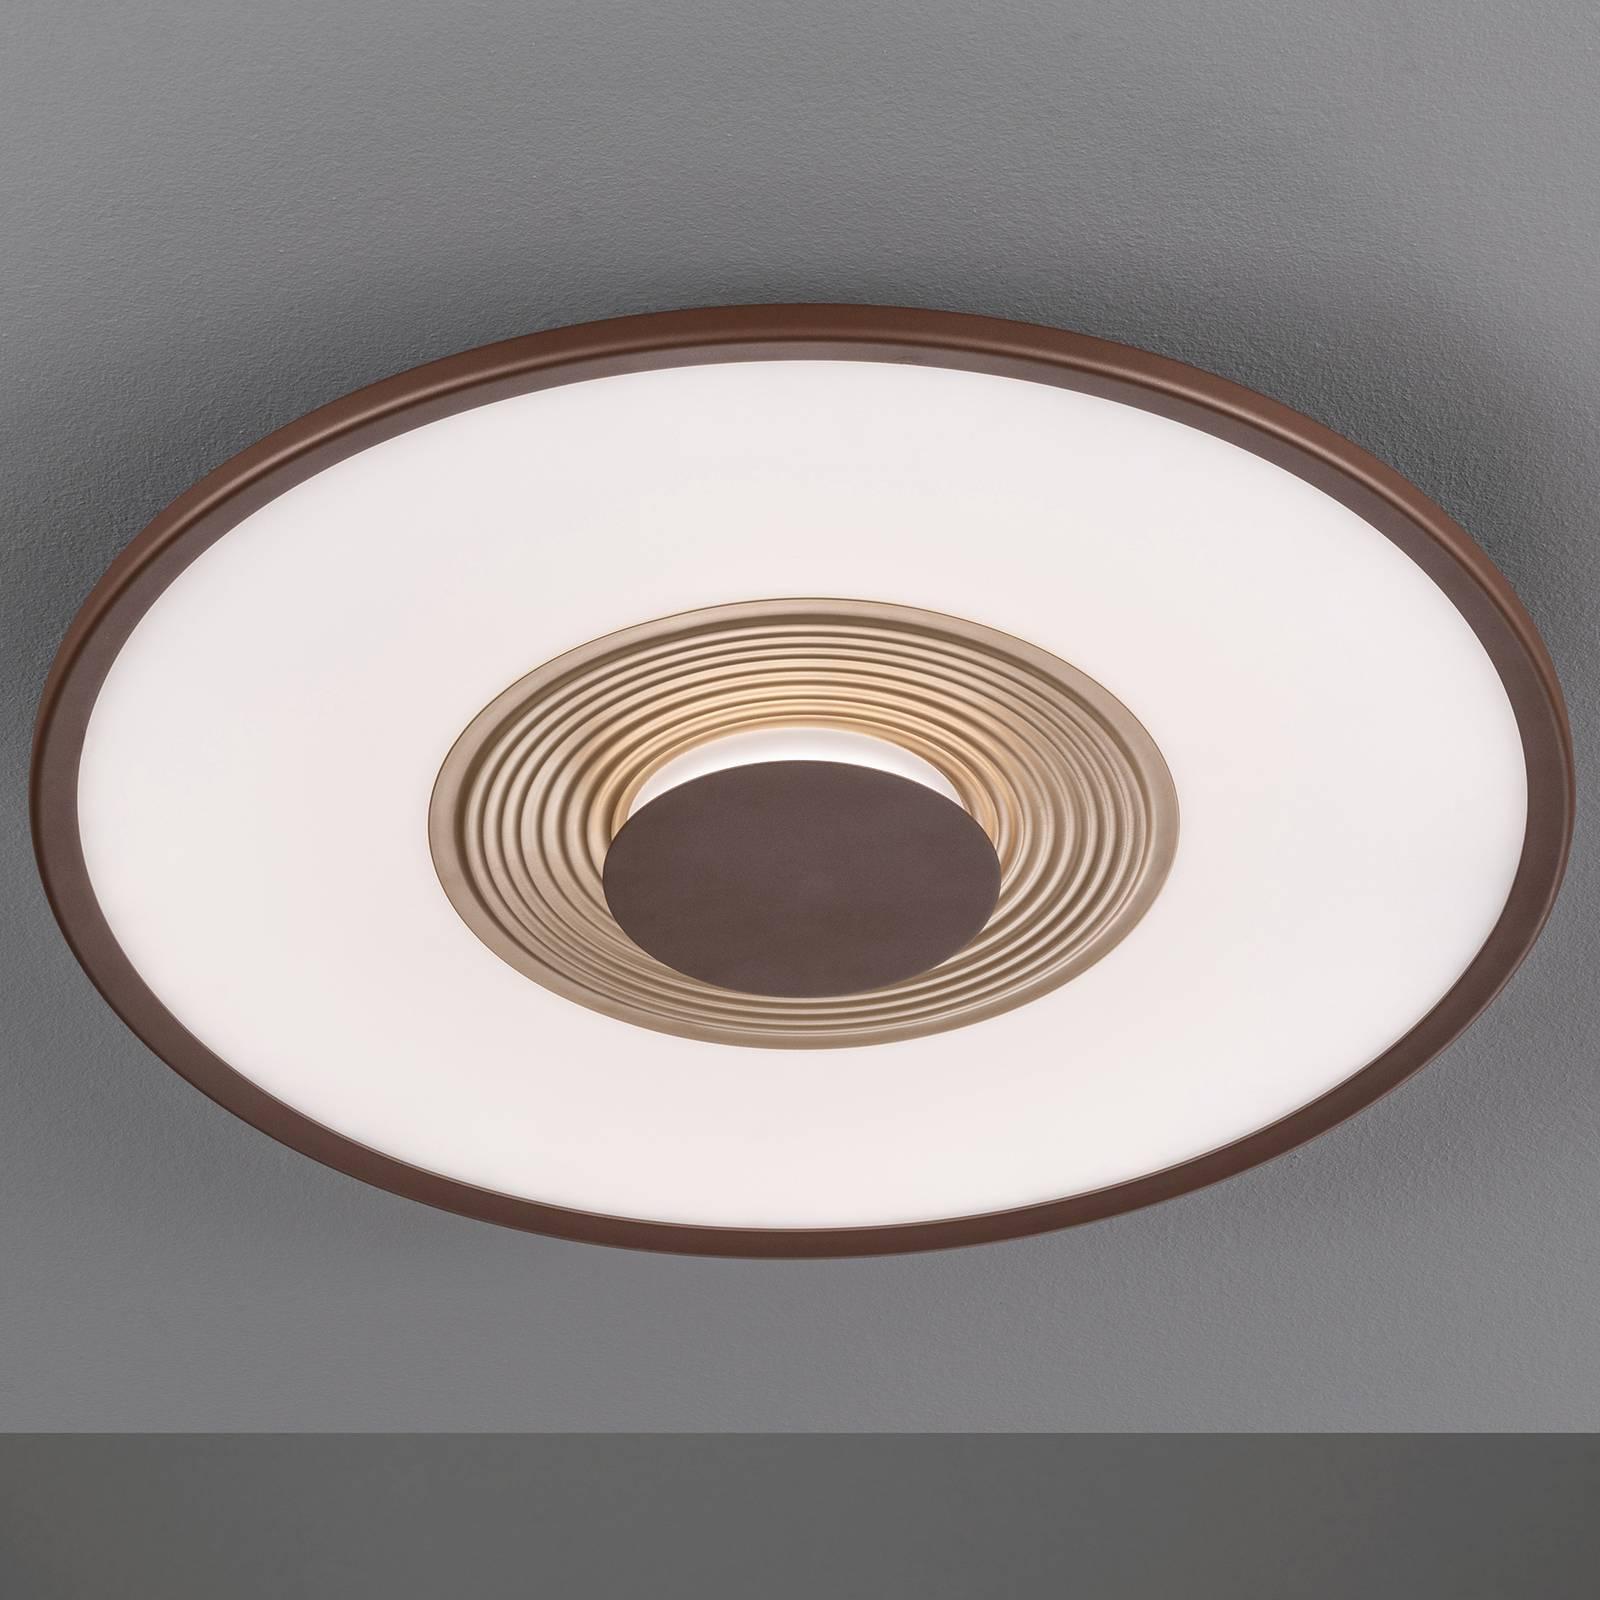 LED-kattovalaisin Veit CCT kaukosäätimellä